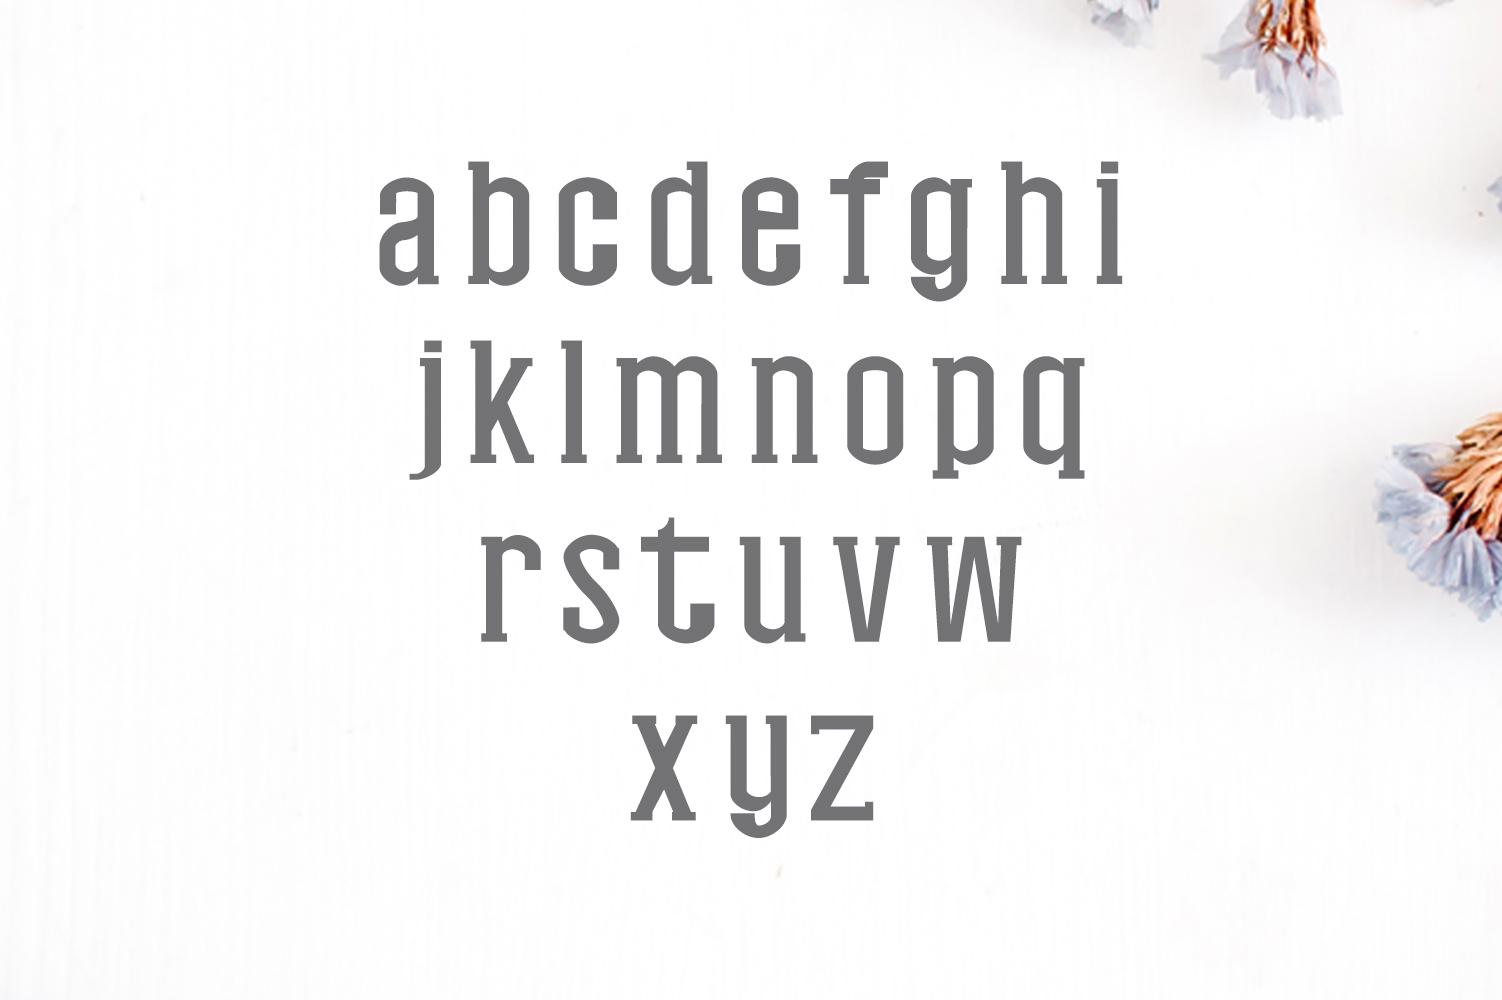 Nasya Slab Serif 4 Font Family Pack example image 2